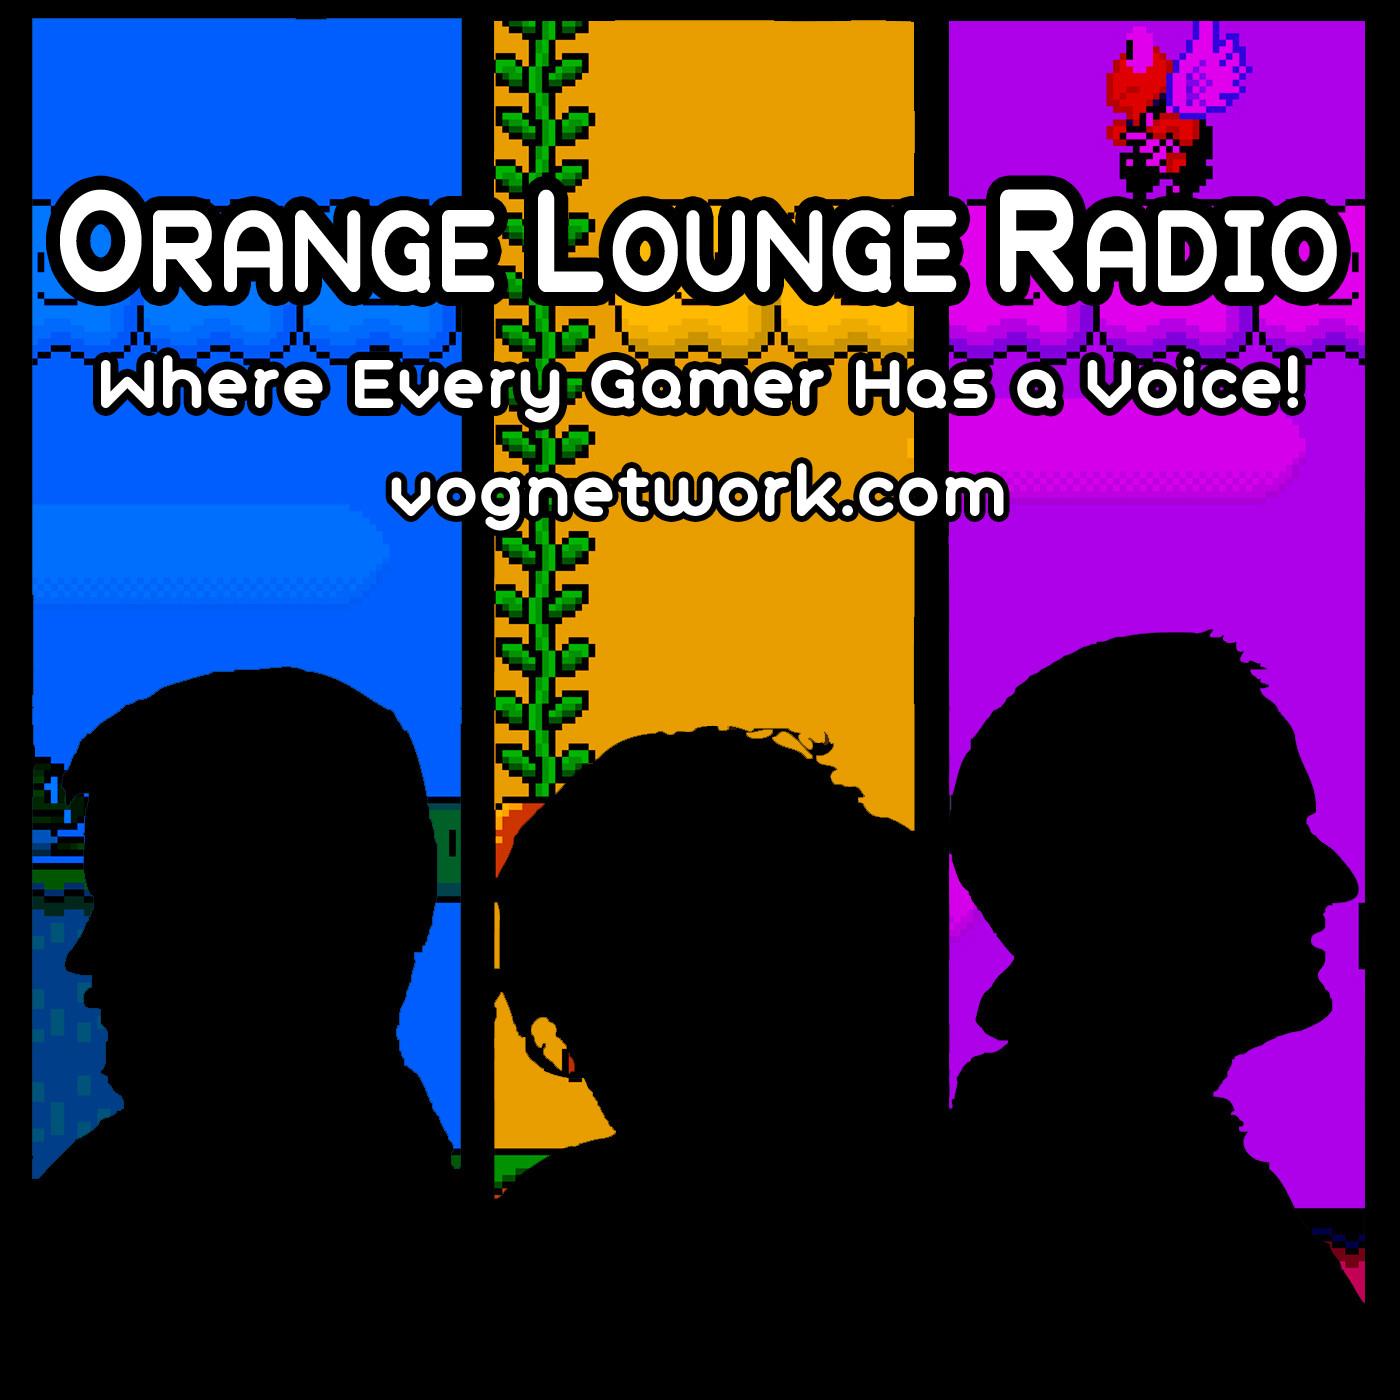 Orange Lounge Radio Episode 614 - 9/20/15